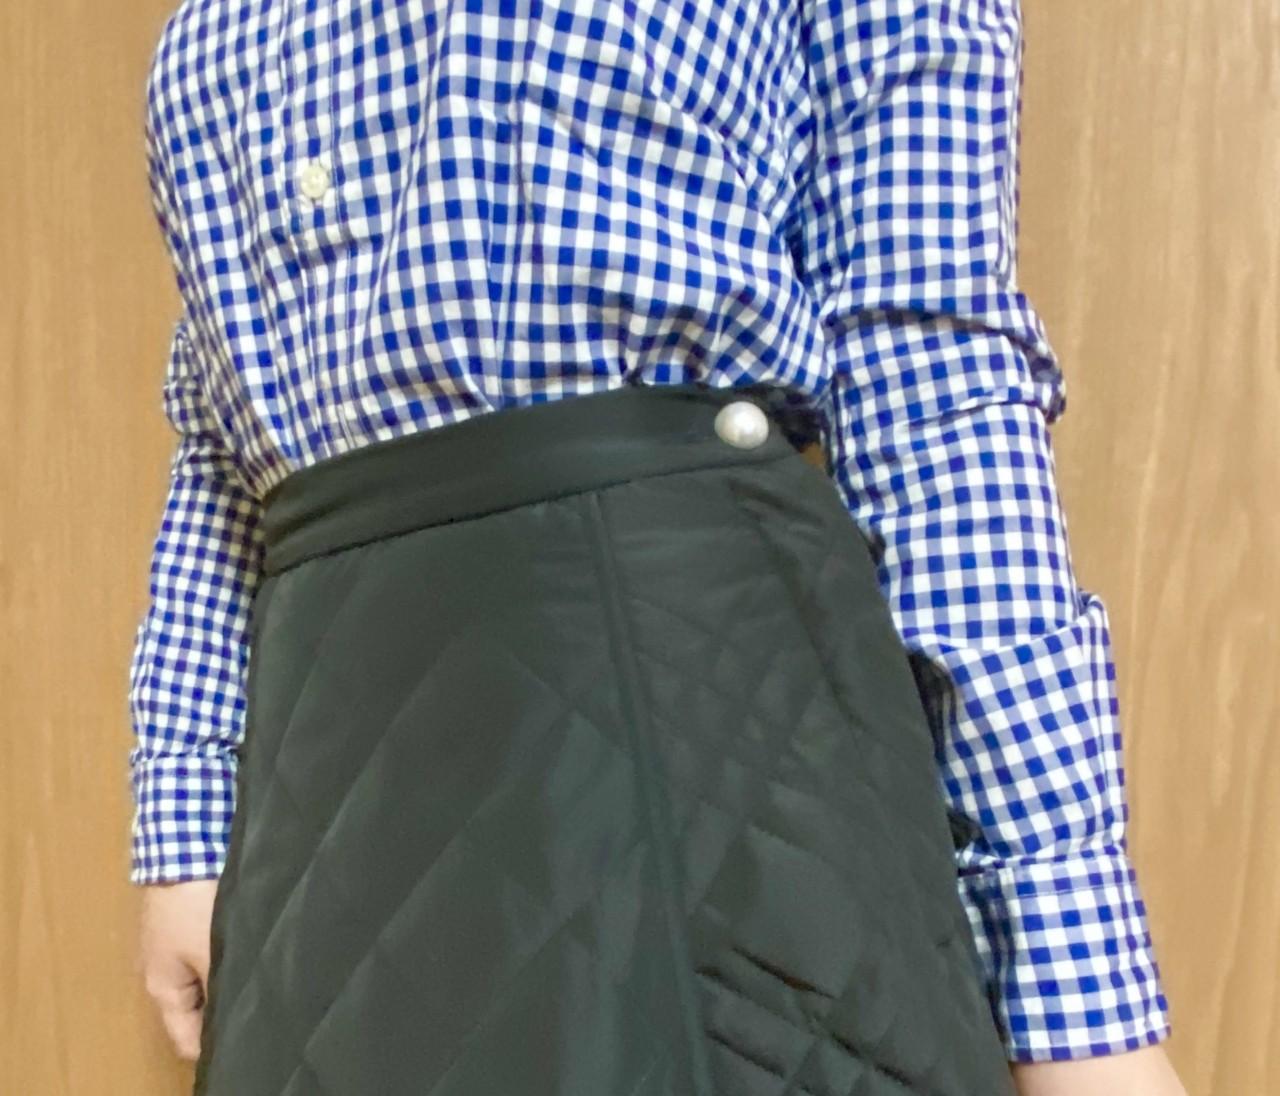 【リメイク】プチプラスカートを10分で。人と被らない洋服に!